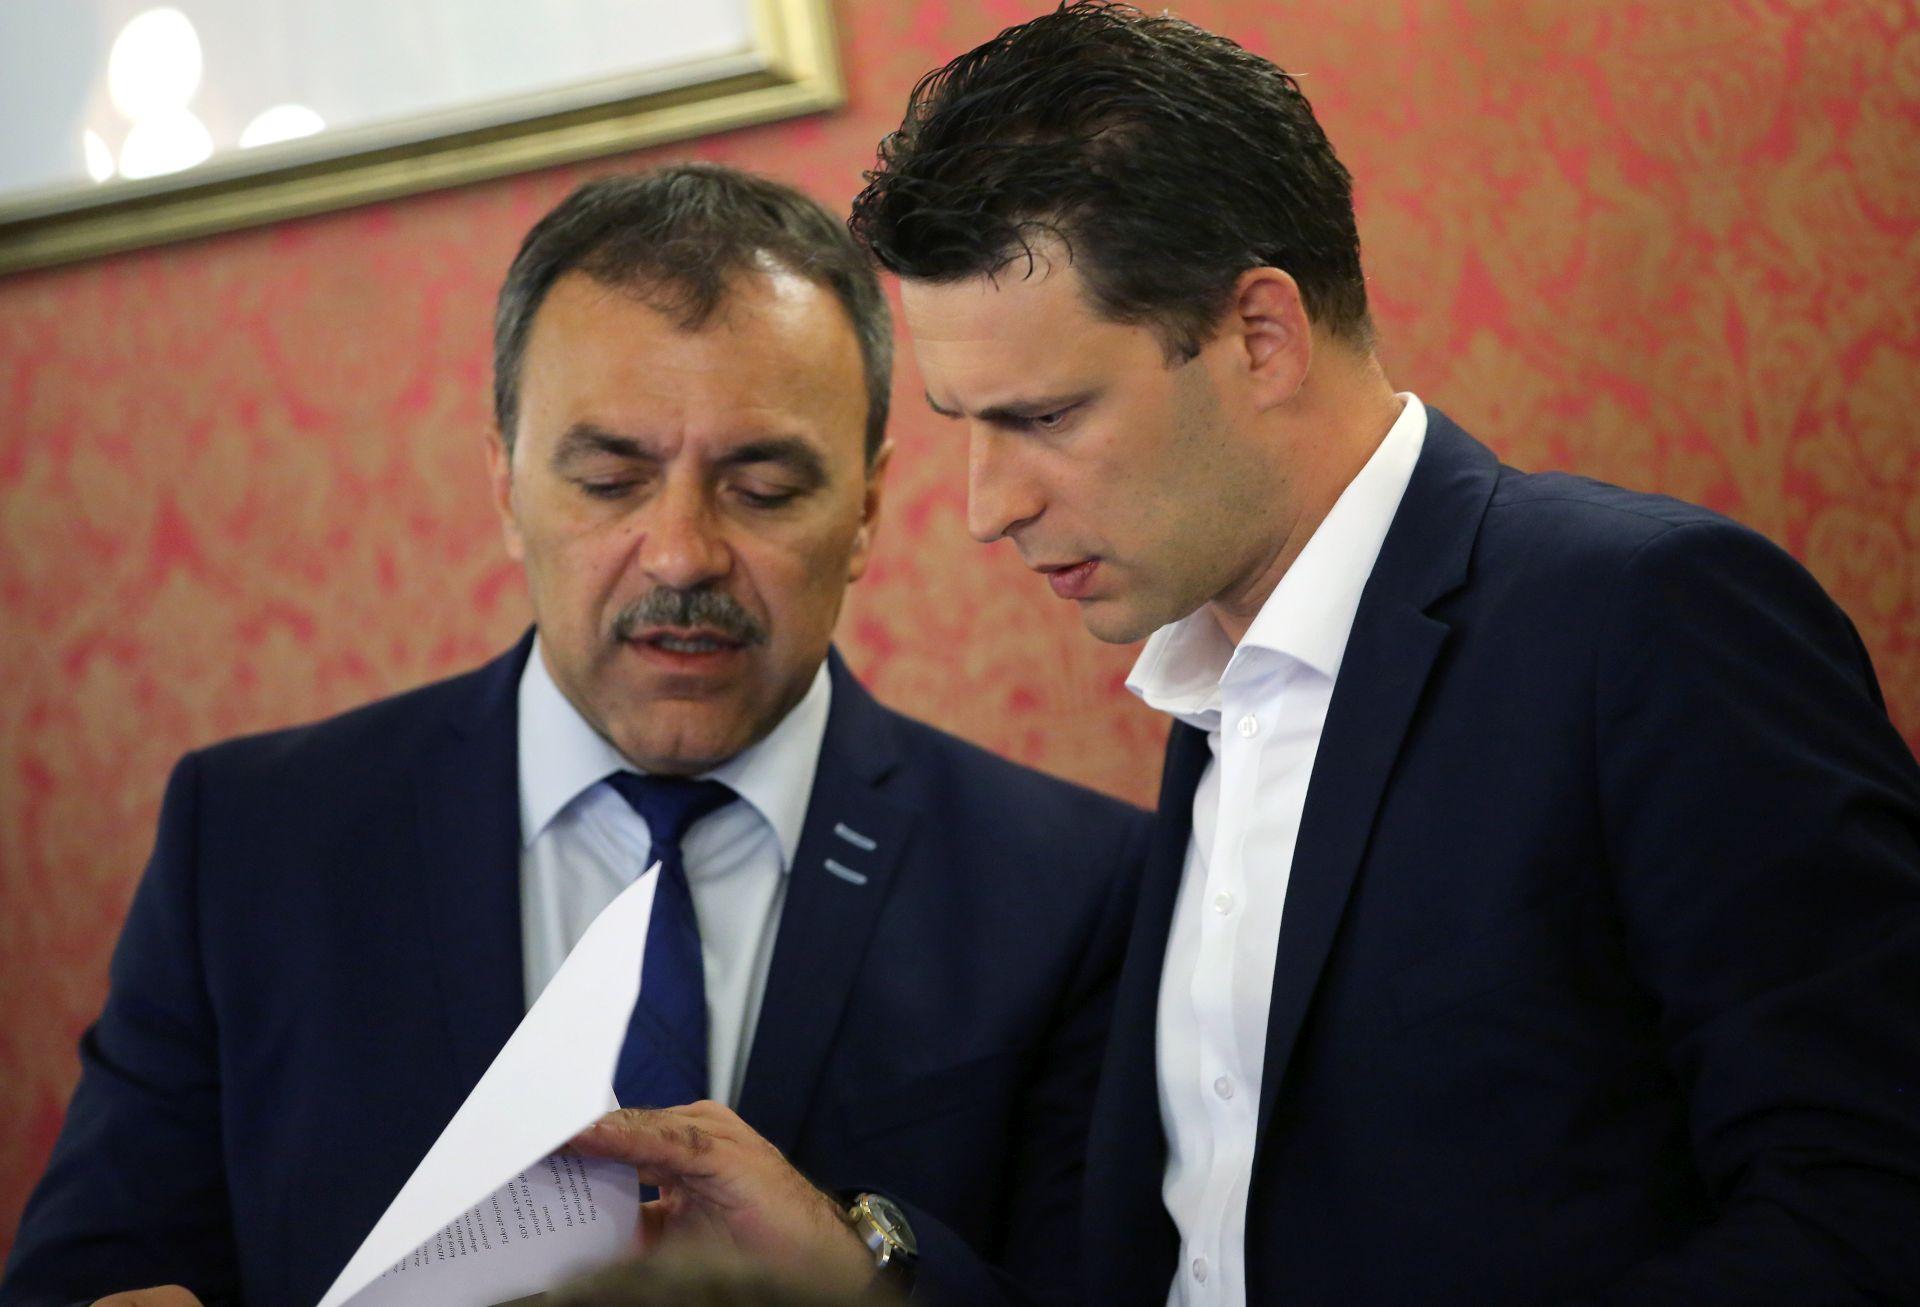 MOST: Ne dijelimo Hrvatsku na lijeve i desne